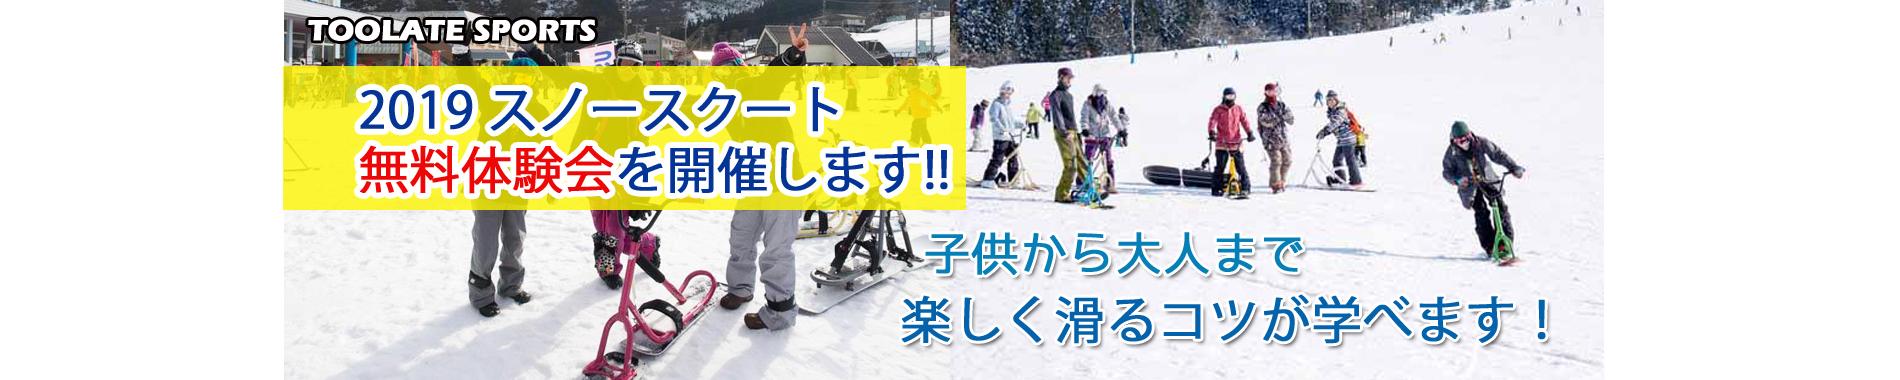 スノースクート無料体験会開催、参加者募集中!